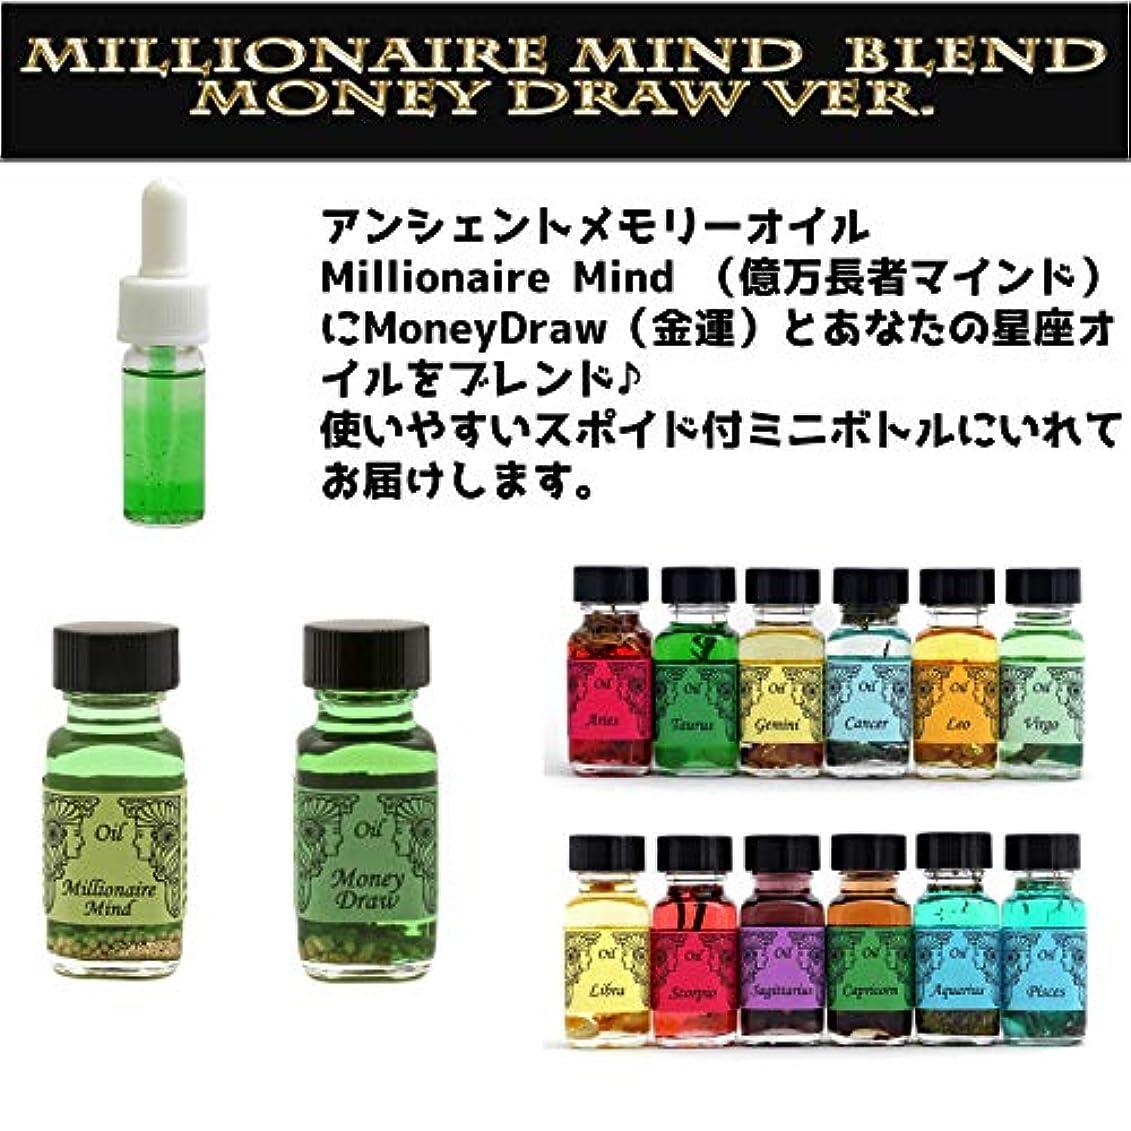 徹底つまずく絶対にアンシェントメモリーオイル Millionaire Mind 億万長者マインド ブレンド(Money Drawマネードロー(金運)&さそり座